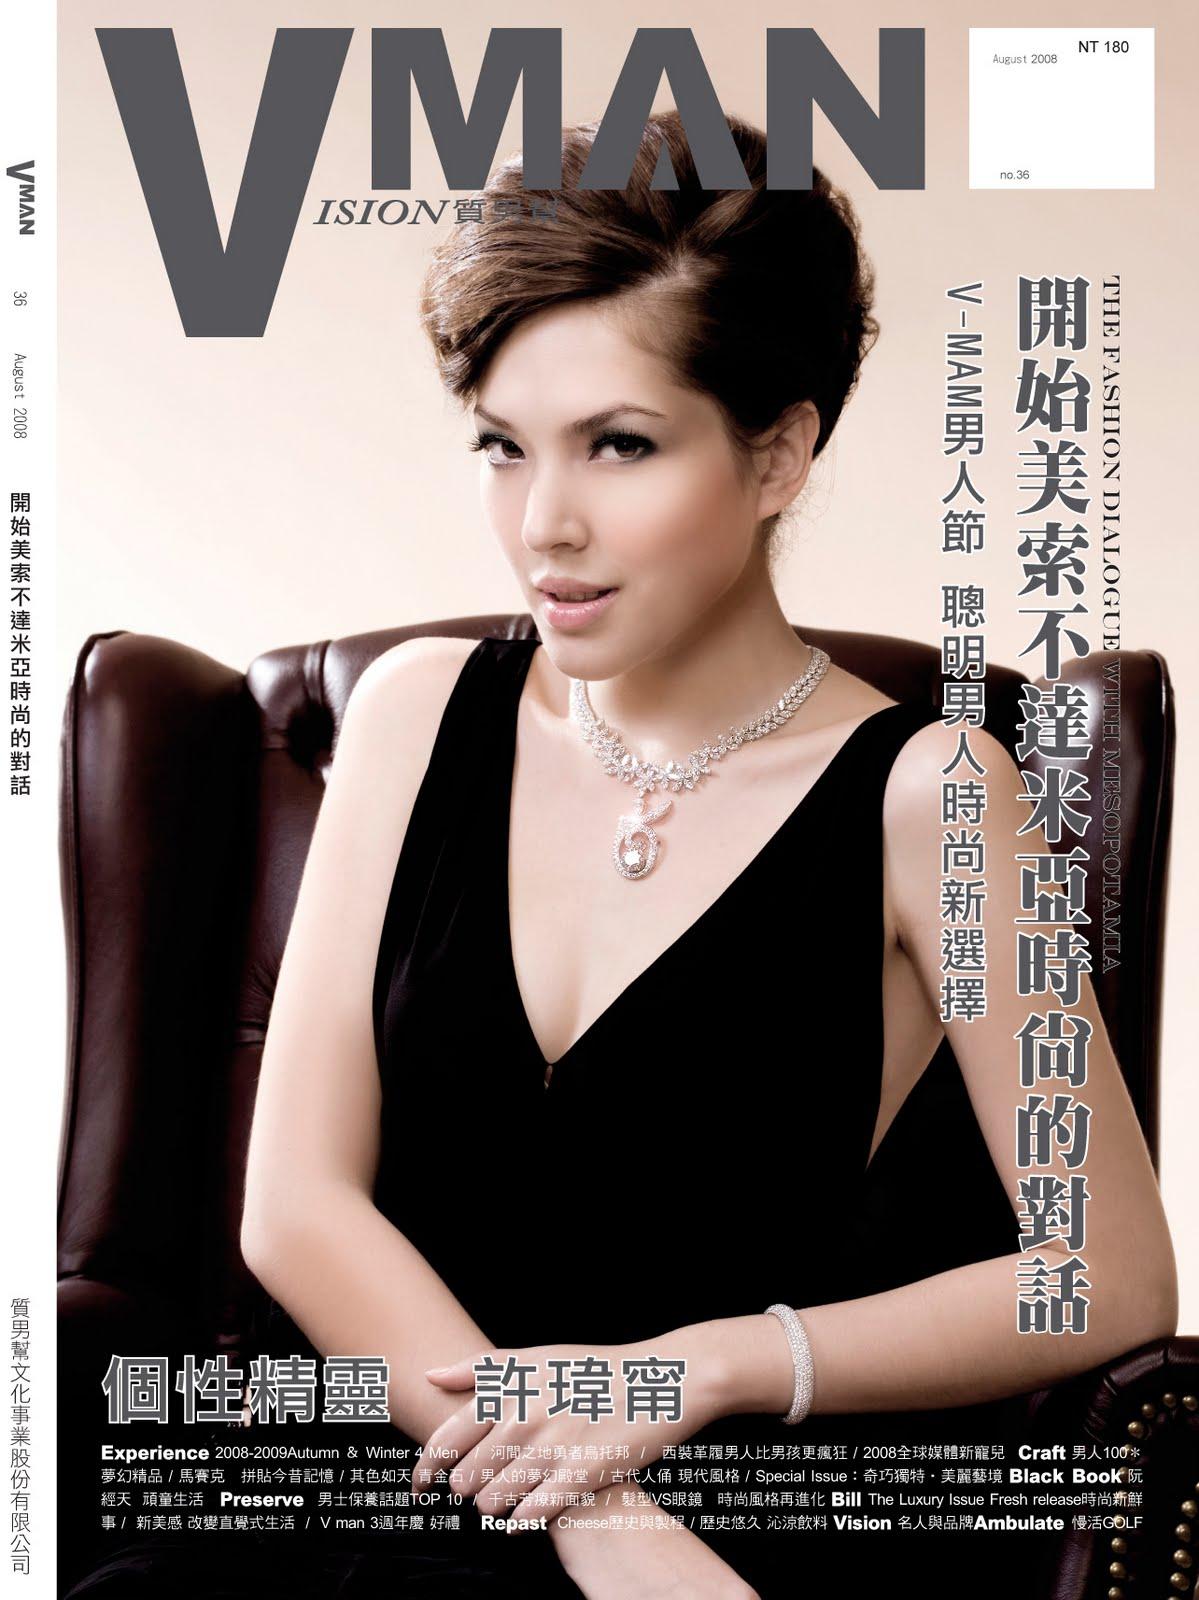 Helis Picture Album: 許瑋甯Tiffany xu